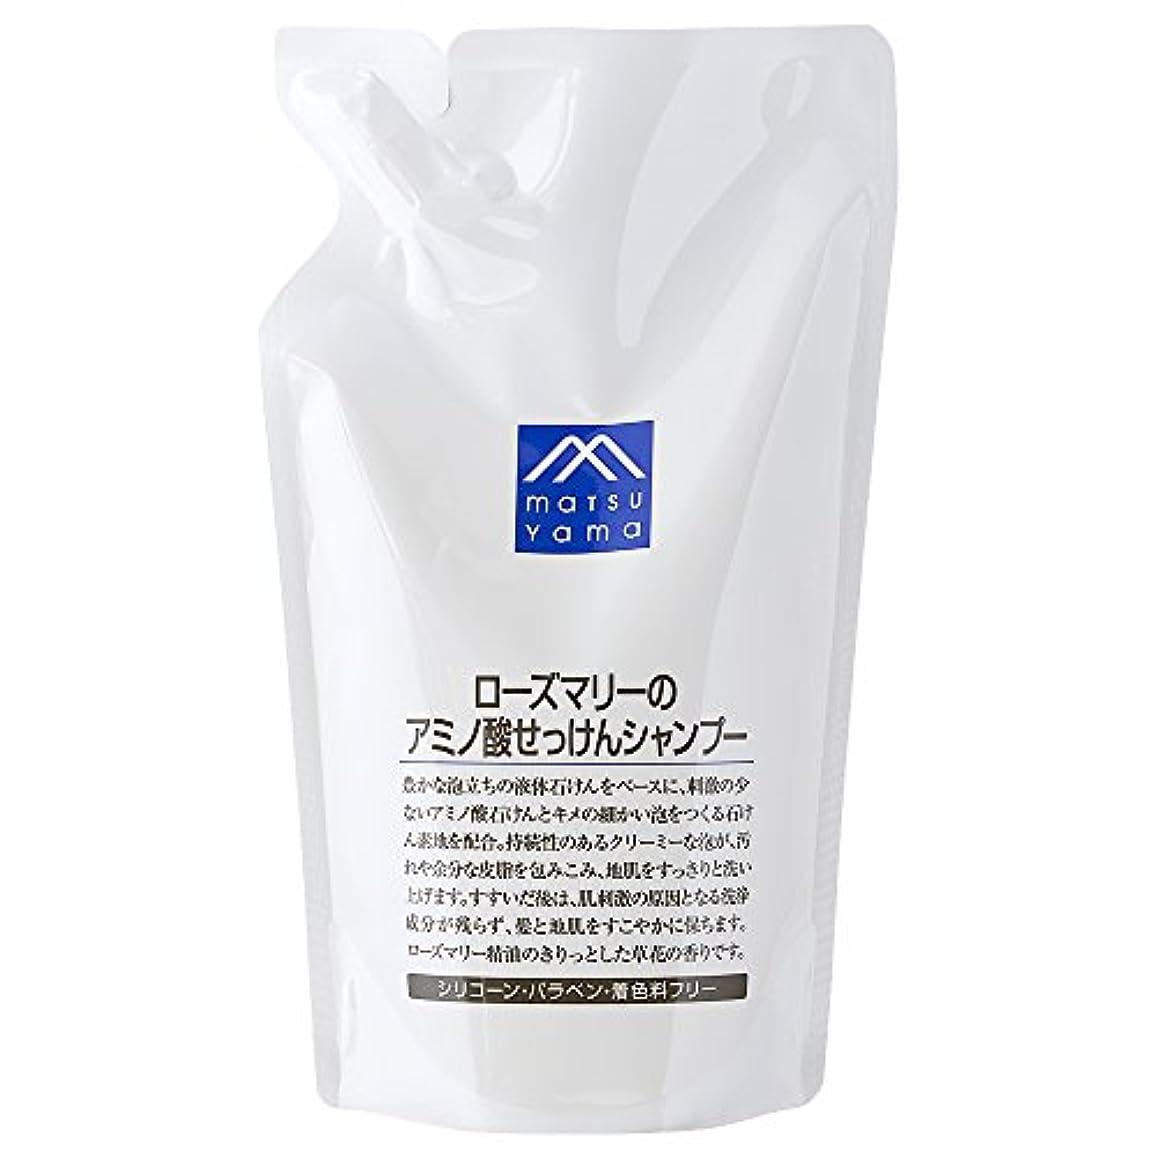 性能用量メーカーM-mark ローズマリーのアミノ酸せっけんシャンプー 詰替用